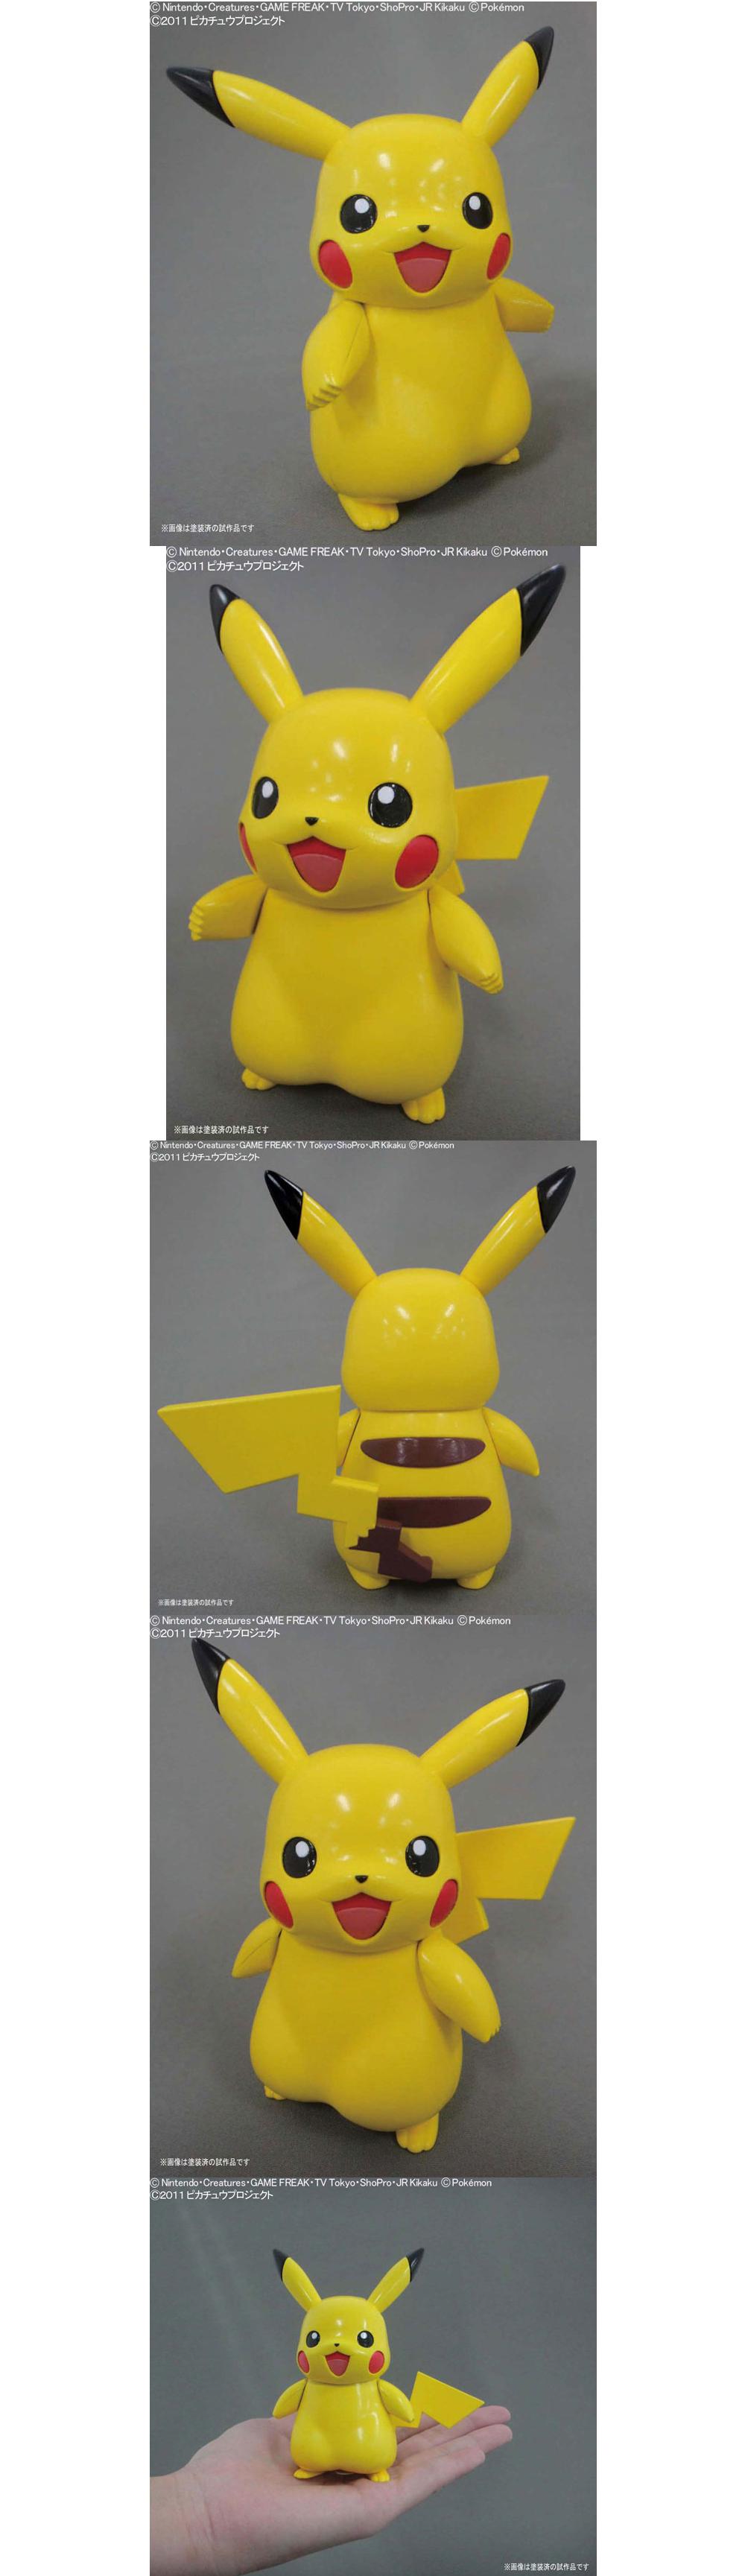 포켓몬 프라 모델 컬렉션 시리즈 19 피카츄 - 아이토이, 10,500원, 애니/영화/게임 프라모델, 애니/만화 프라모델